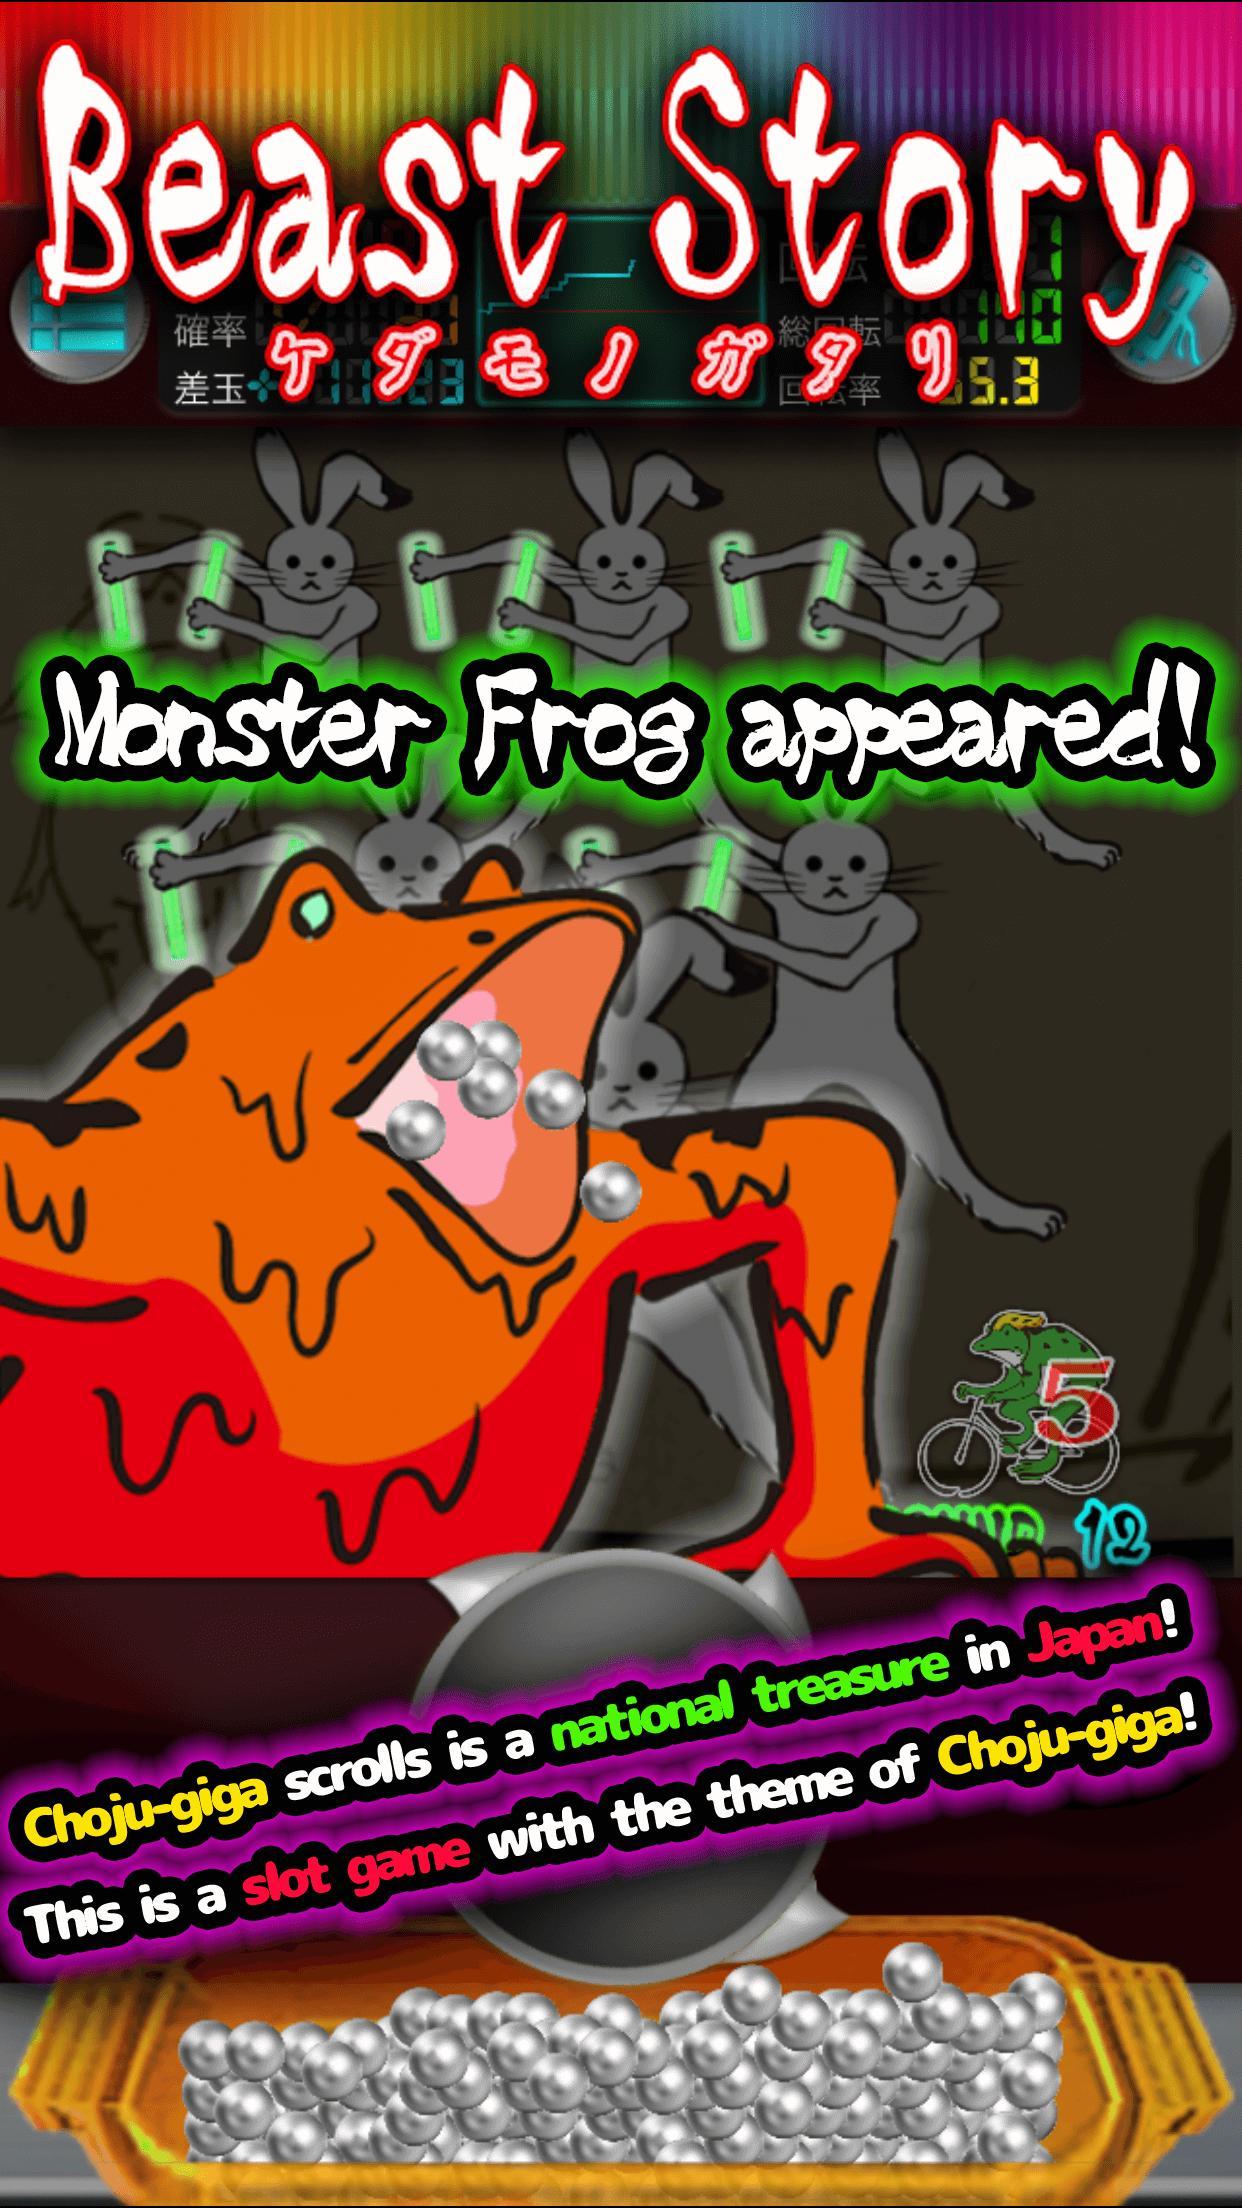 Beast Story Pachinko Slot Game 1.0.1 Screenshot 2